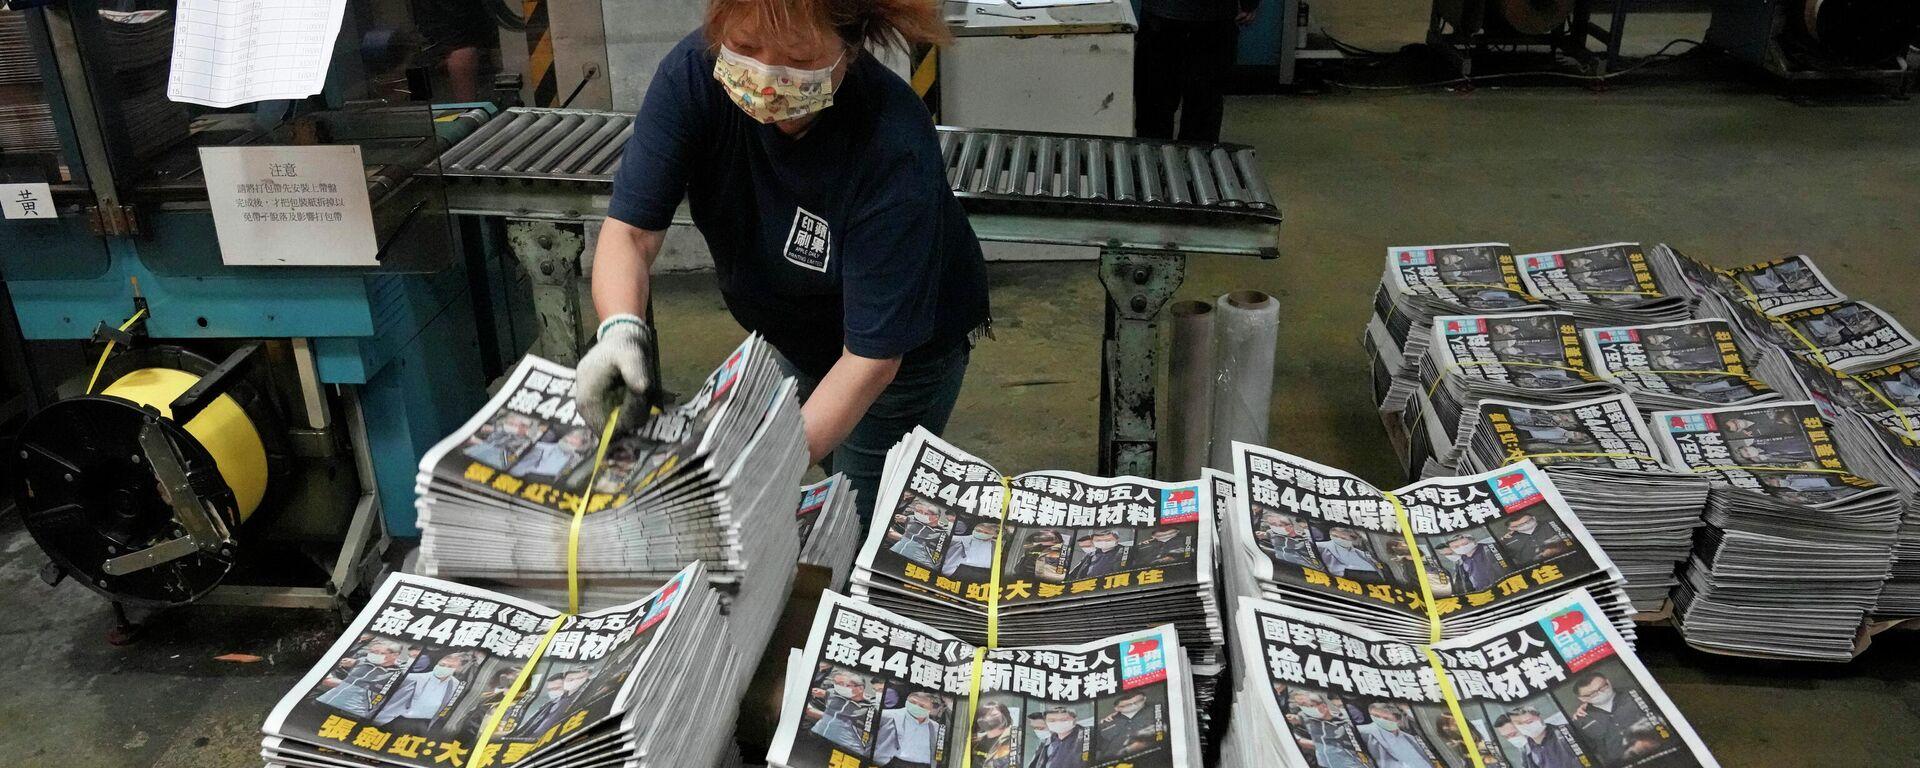 Eine MItarbeiterin einer Druckerei in Hongkong verpackt Exemplare der Zeitung Apple Daily (Archivbild) - SNA, 1920, 21.06.2021